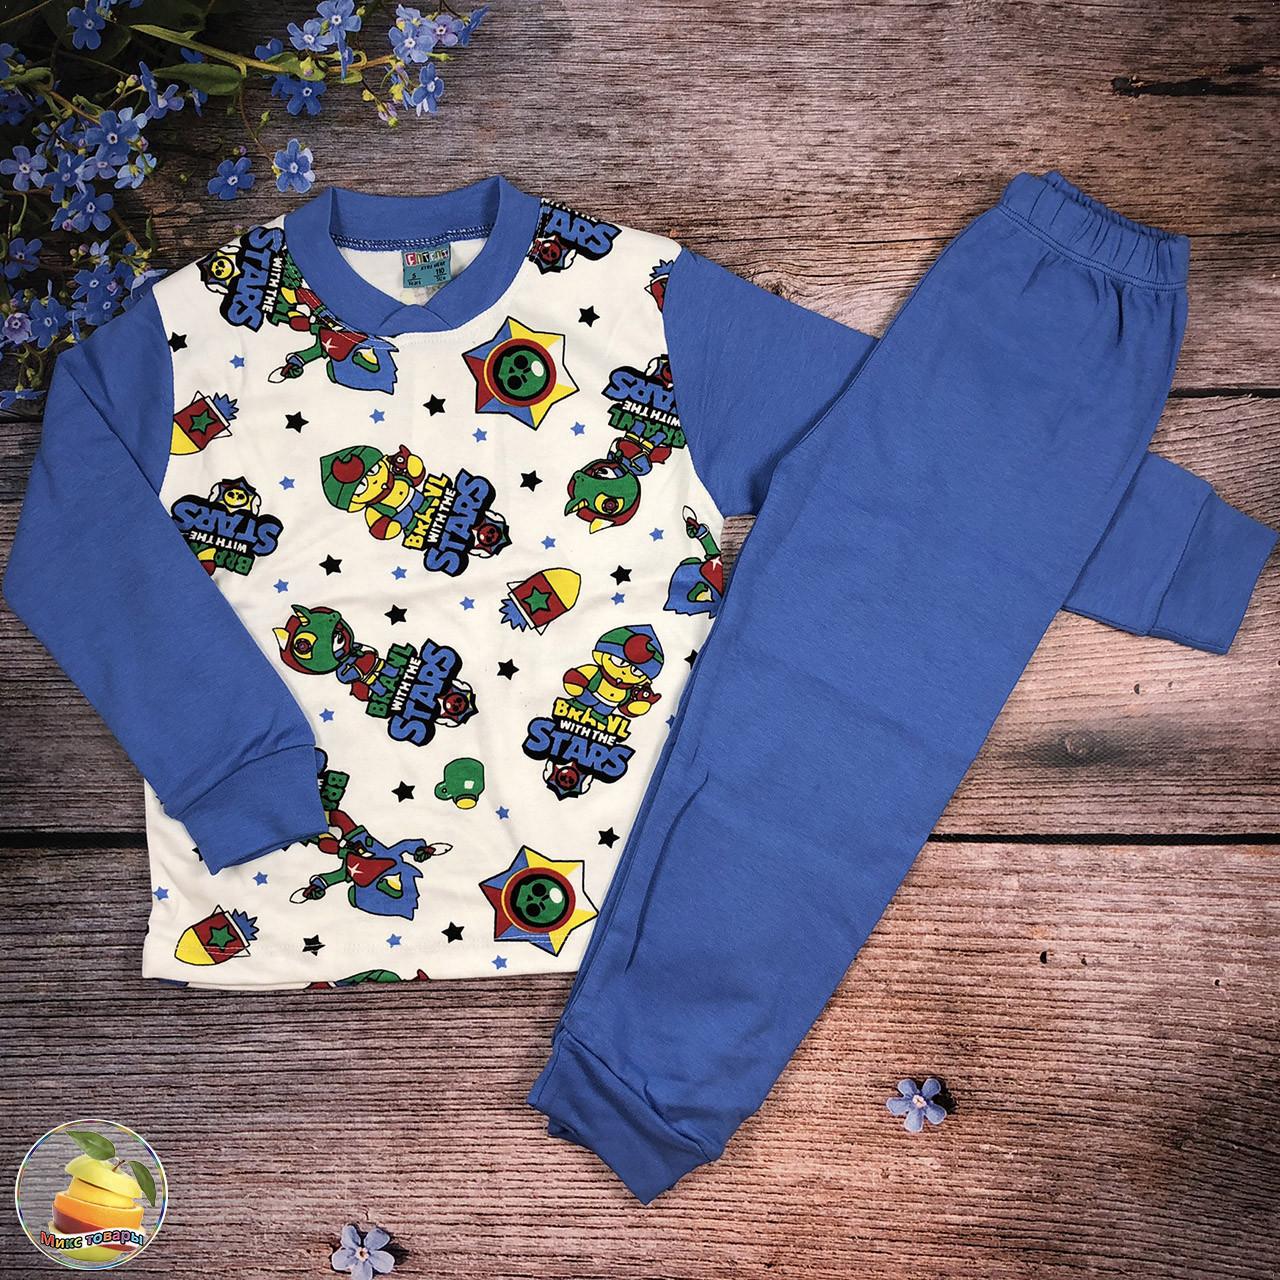 """Піжама """"Brawl Stars"""" для хлопчика Розміри: 110,116,122,128 см (20792-1)"""